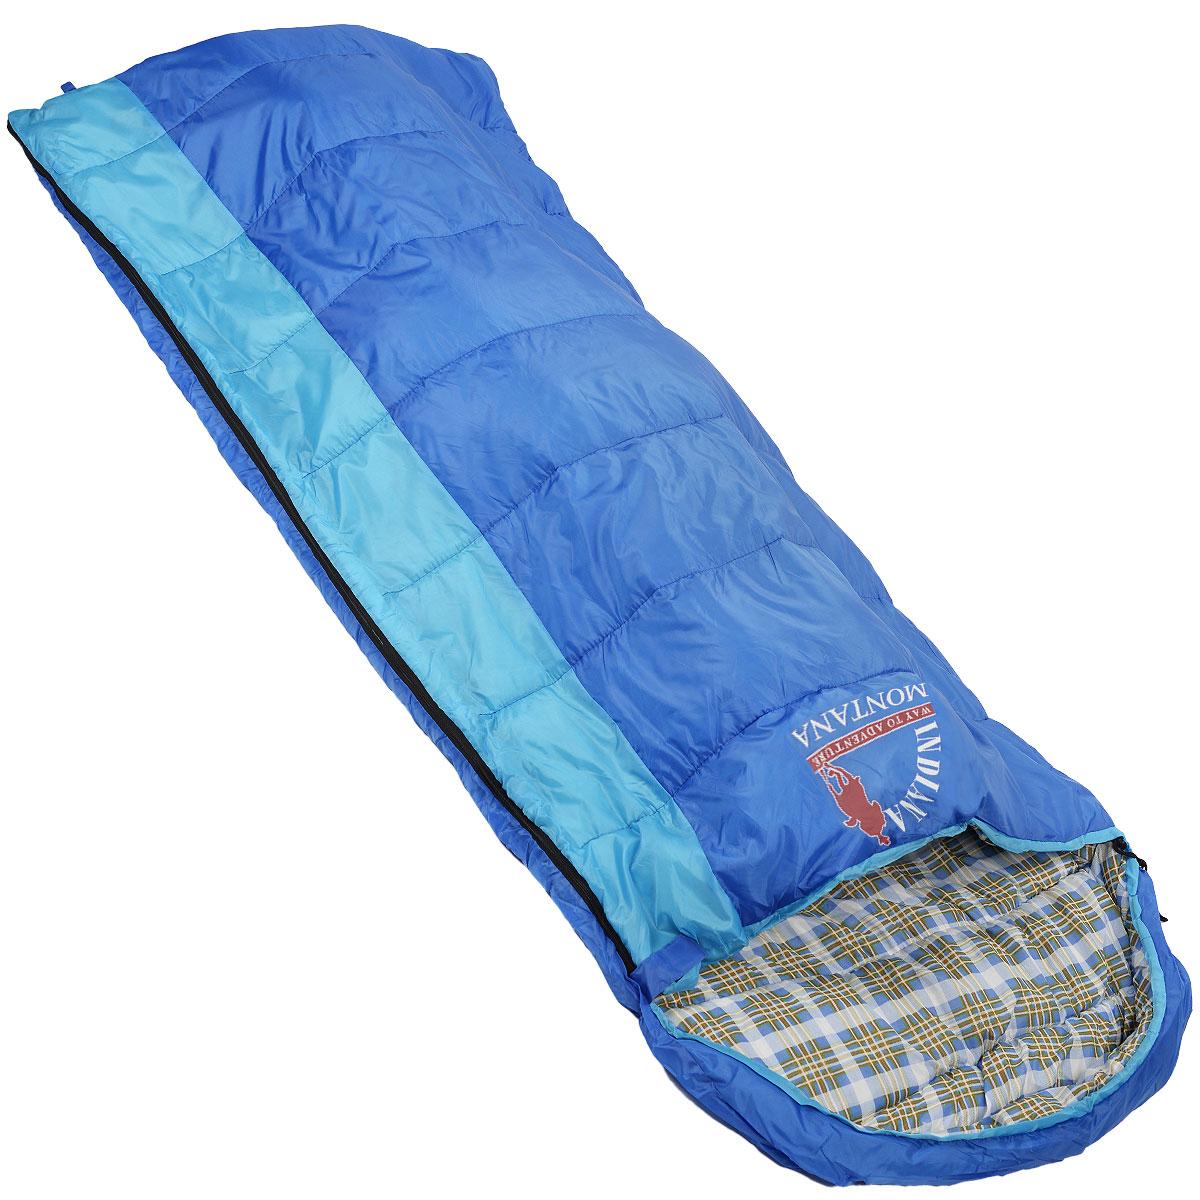 Спальный мешок-одеяло Indiana Montana L-zip от -4 C, цвет: синий, голубой, левосторонняя молния, 180+35 см х 90 смKOC2028LEDДанная модель предусмотрена для холодного времени года, так как рассчитана на температуру до -4° C. Увеличенные размеры, возможность состегивания двух спальных мешков с правой и левой молнией, делают спальный мешок MONTANA оптимальным выбором для отдых а на природе, туризма и кемпинга в том числе и в холодное время года. Слой синтетического утеплителя контролирует терморегуляцию внутри спального мешка, поддерживая в нем необходимую температуру независимо от значения температуры окружающего воздуха. Коконообразная анатомическая форма обеспечивает плотное прилегание спального мешка, в то же время внутри него предусмотрено достаточно свободного места для комфортного сна. В сложенном виде мешок занимает очень мало места и весит совсем не много.Тип спального мешка: одеяло с капюшоном.Внешний материал: полиэстер. Внутренний материал: полиэстер.